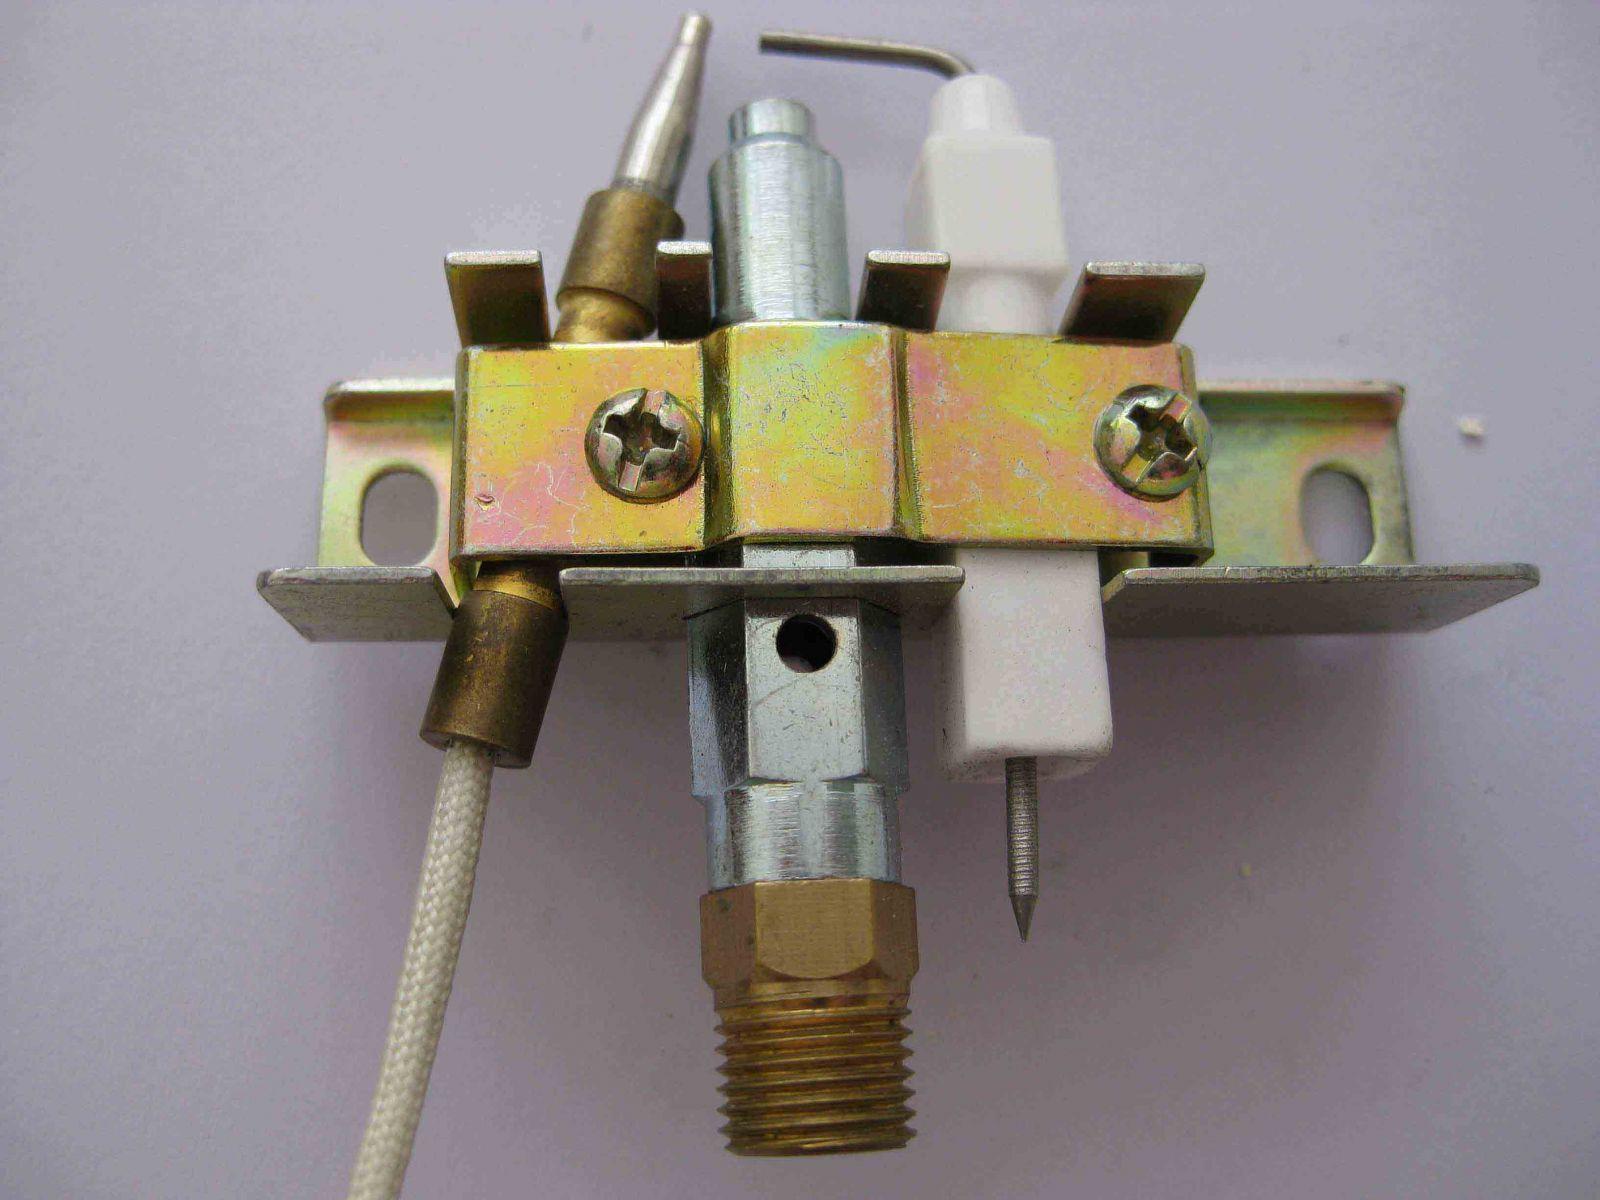 روشن نماندن شمعک بخاری گازی | ساتور